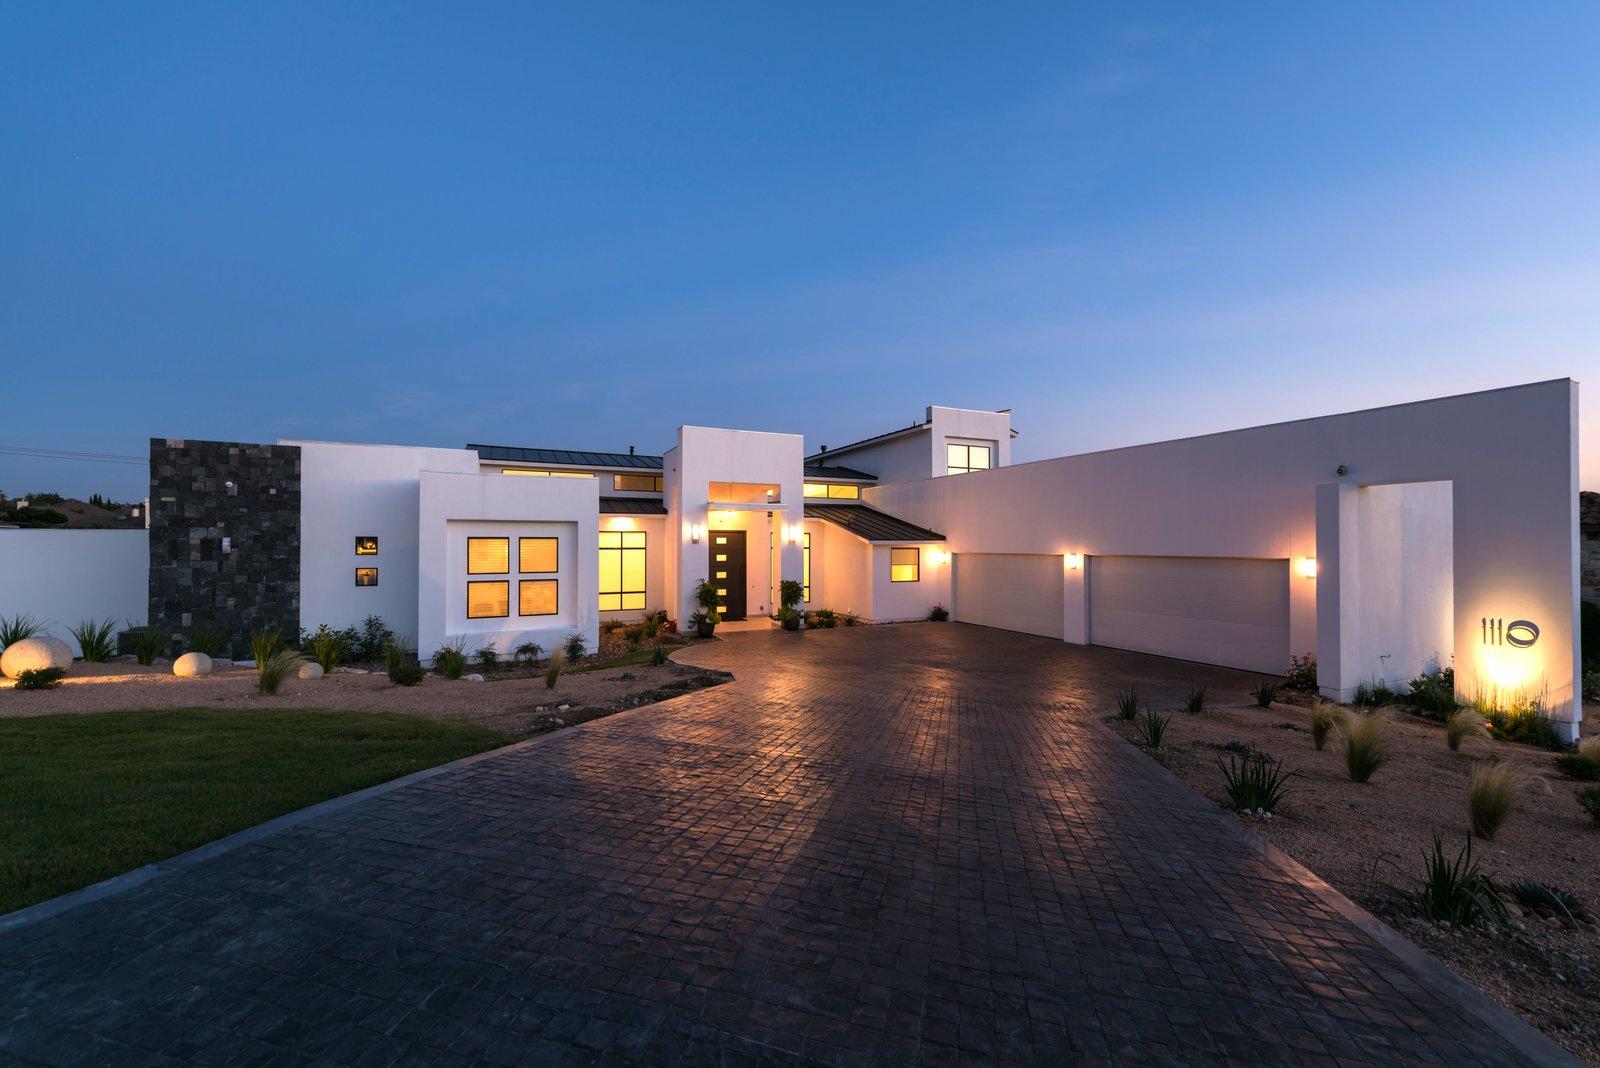 FRONT FACADE NIGHT VIEW  ORVANANOS HOUSE by OSCAR E FLORES DESIGN STUDIO